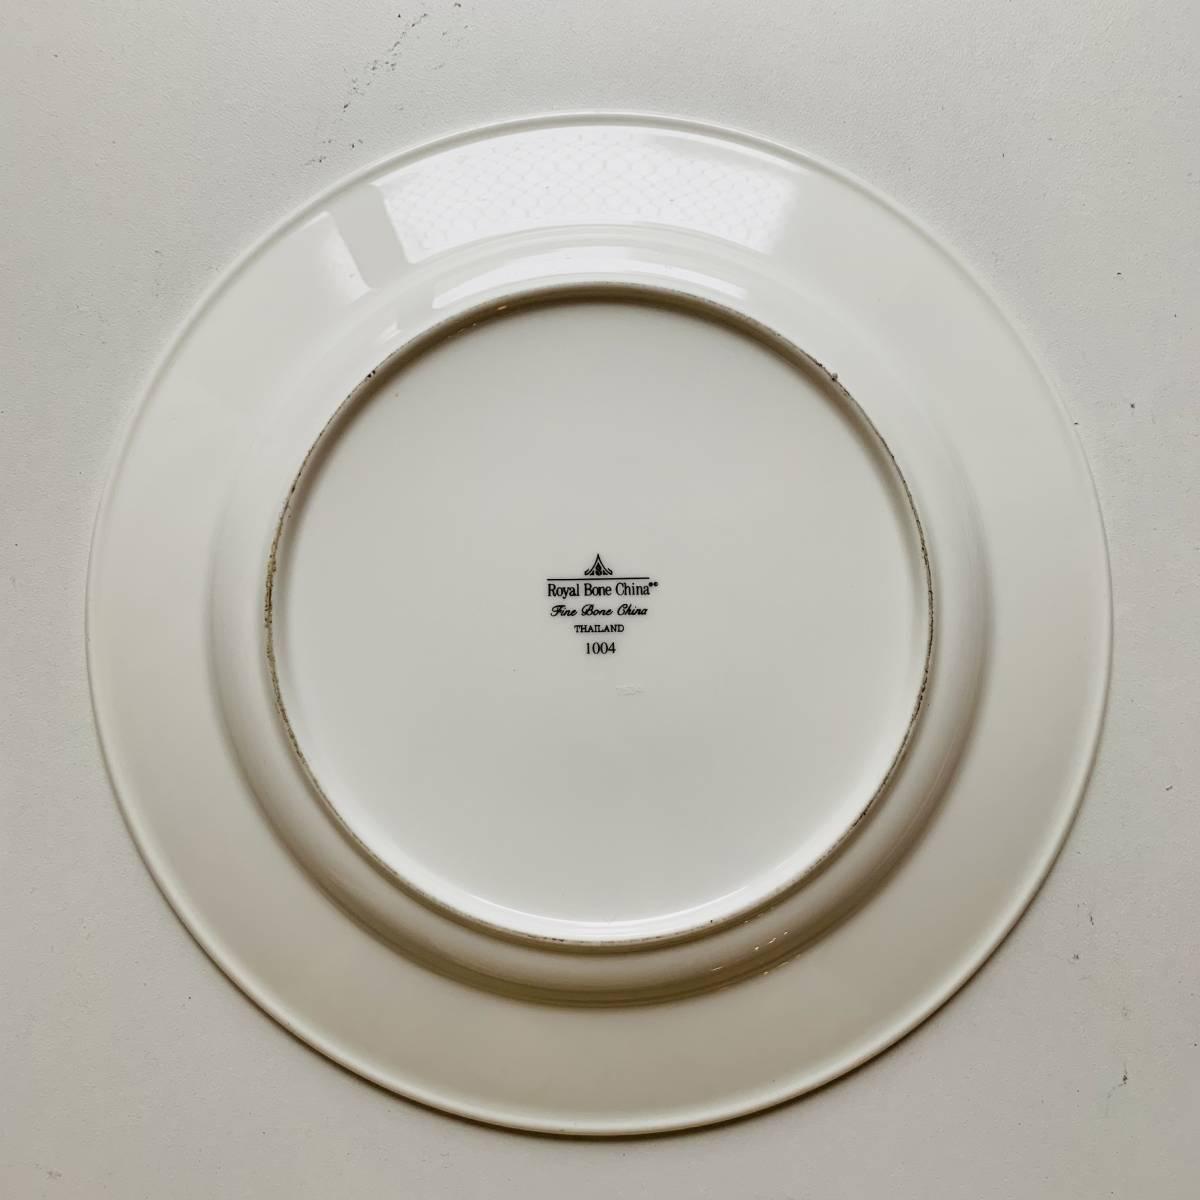 リッツカールトン御用達 19cm 皿 ロイヤルボーンチャイナ 5枚セット売り レストラン・ホテル使用 royal bone china 大阪発 多数有_画像2